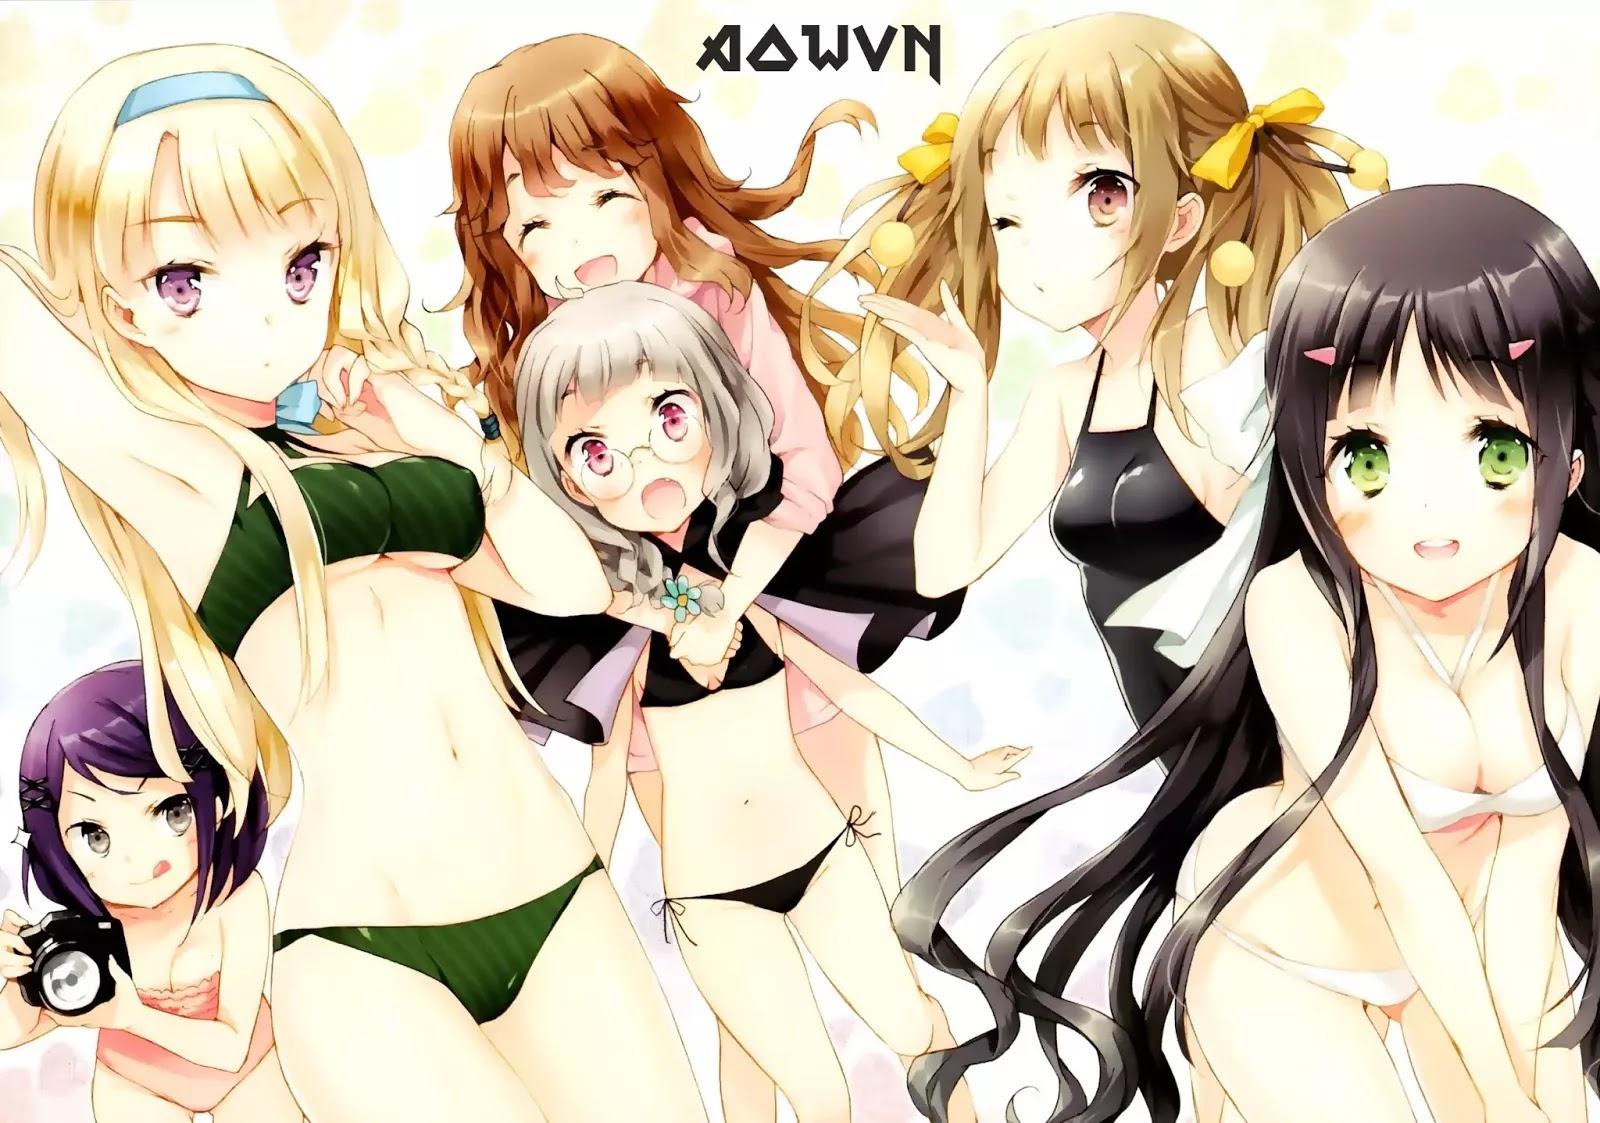 AowVN.org m - [ Anime 3gp Mp4 ] Kono Naka Ni Hitori, Imouto Ga Iru BD | Vietsub - Harem Ecchi